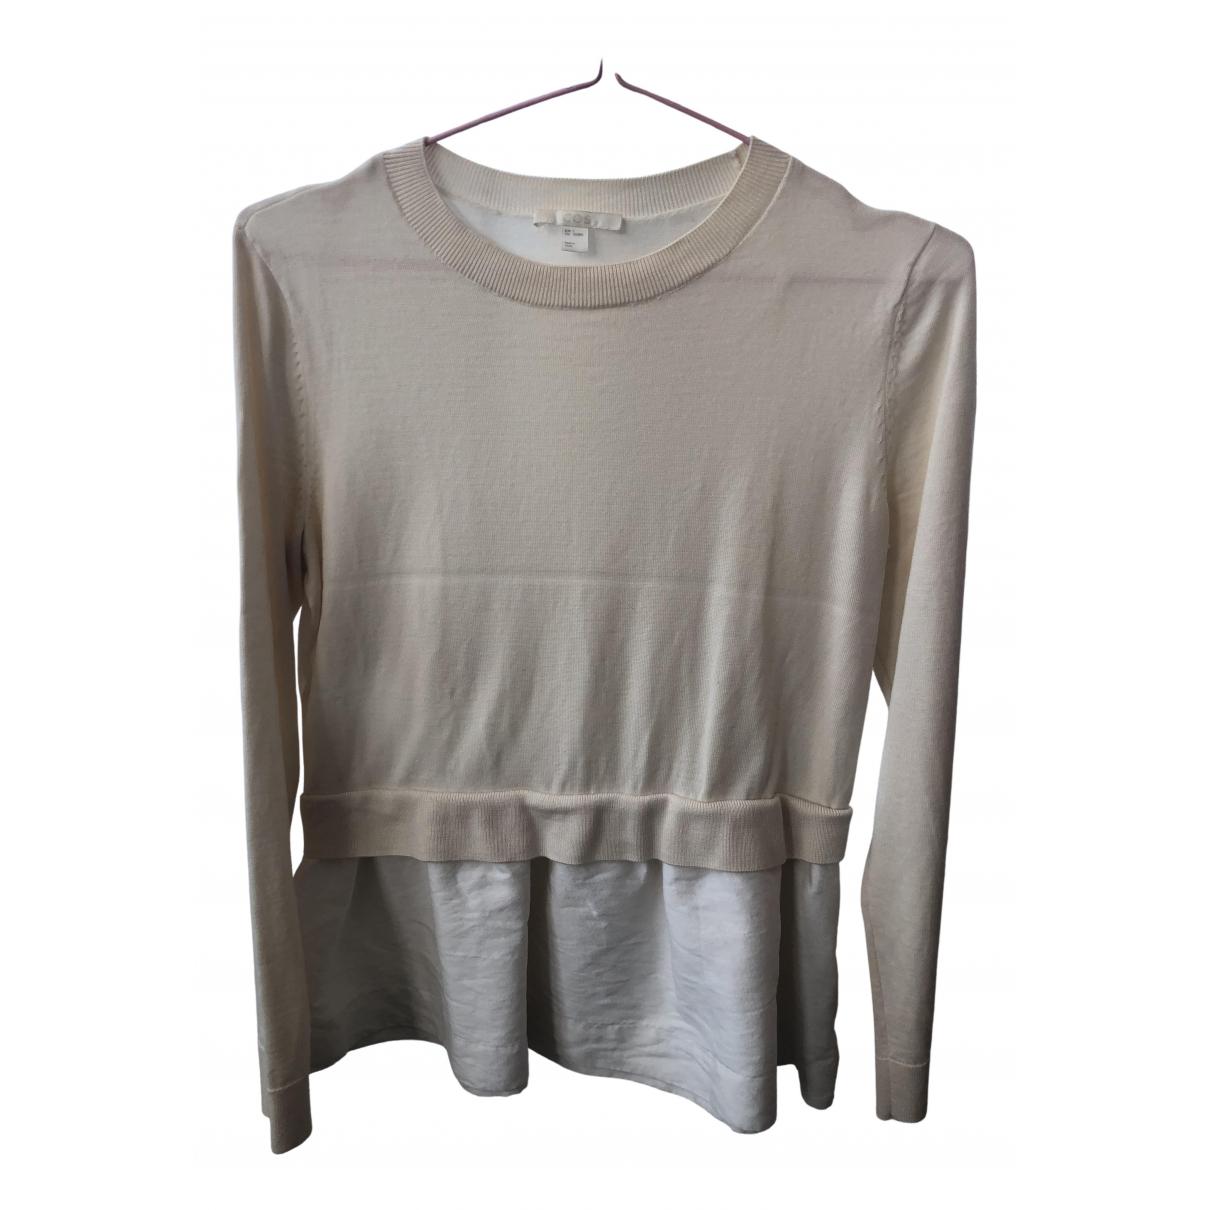 Cos - Top   pour femme en laine - beige